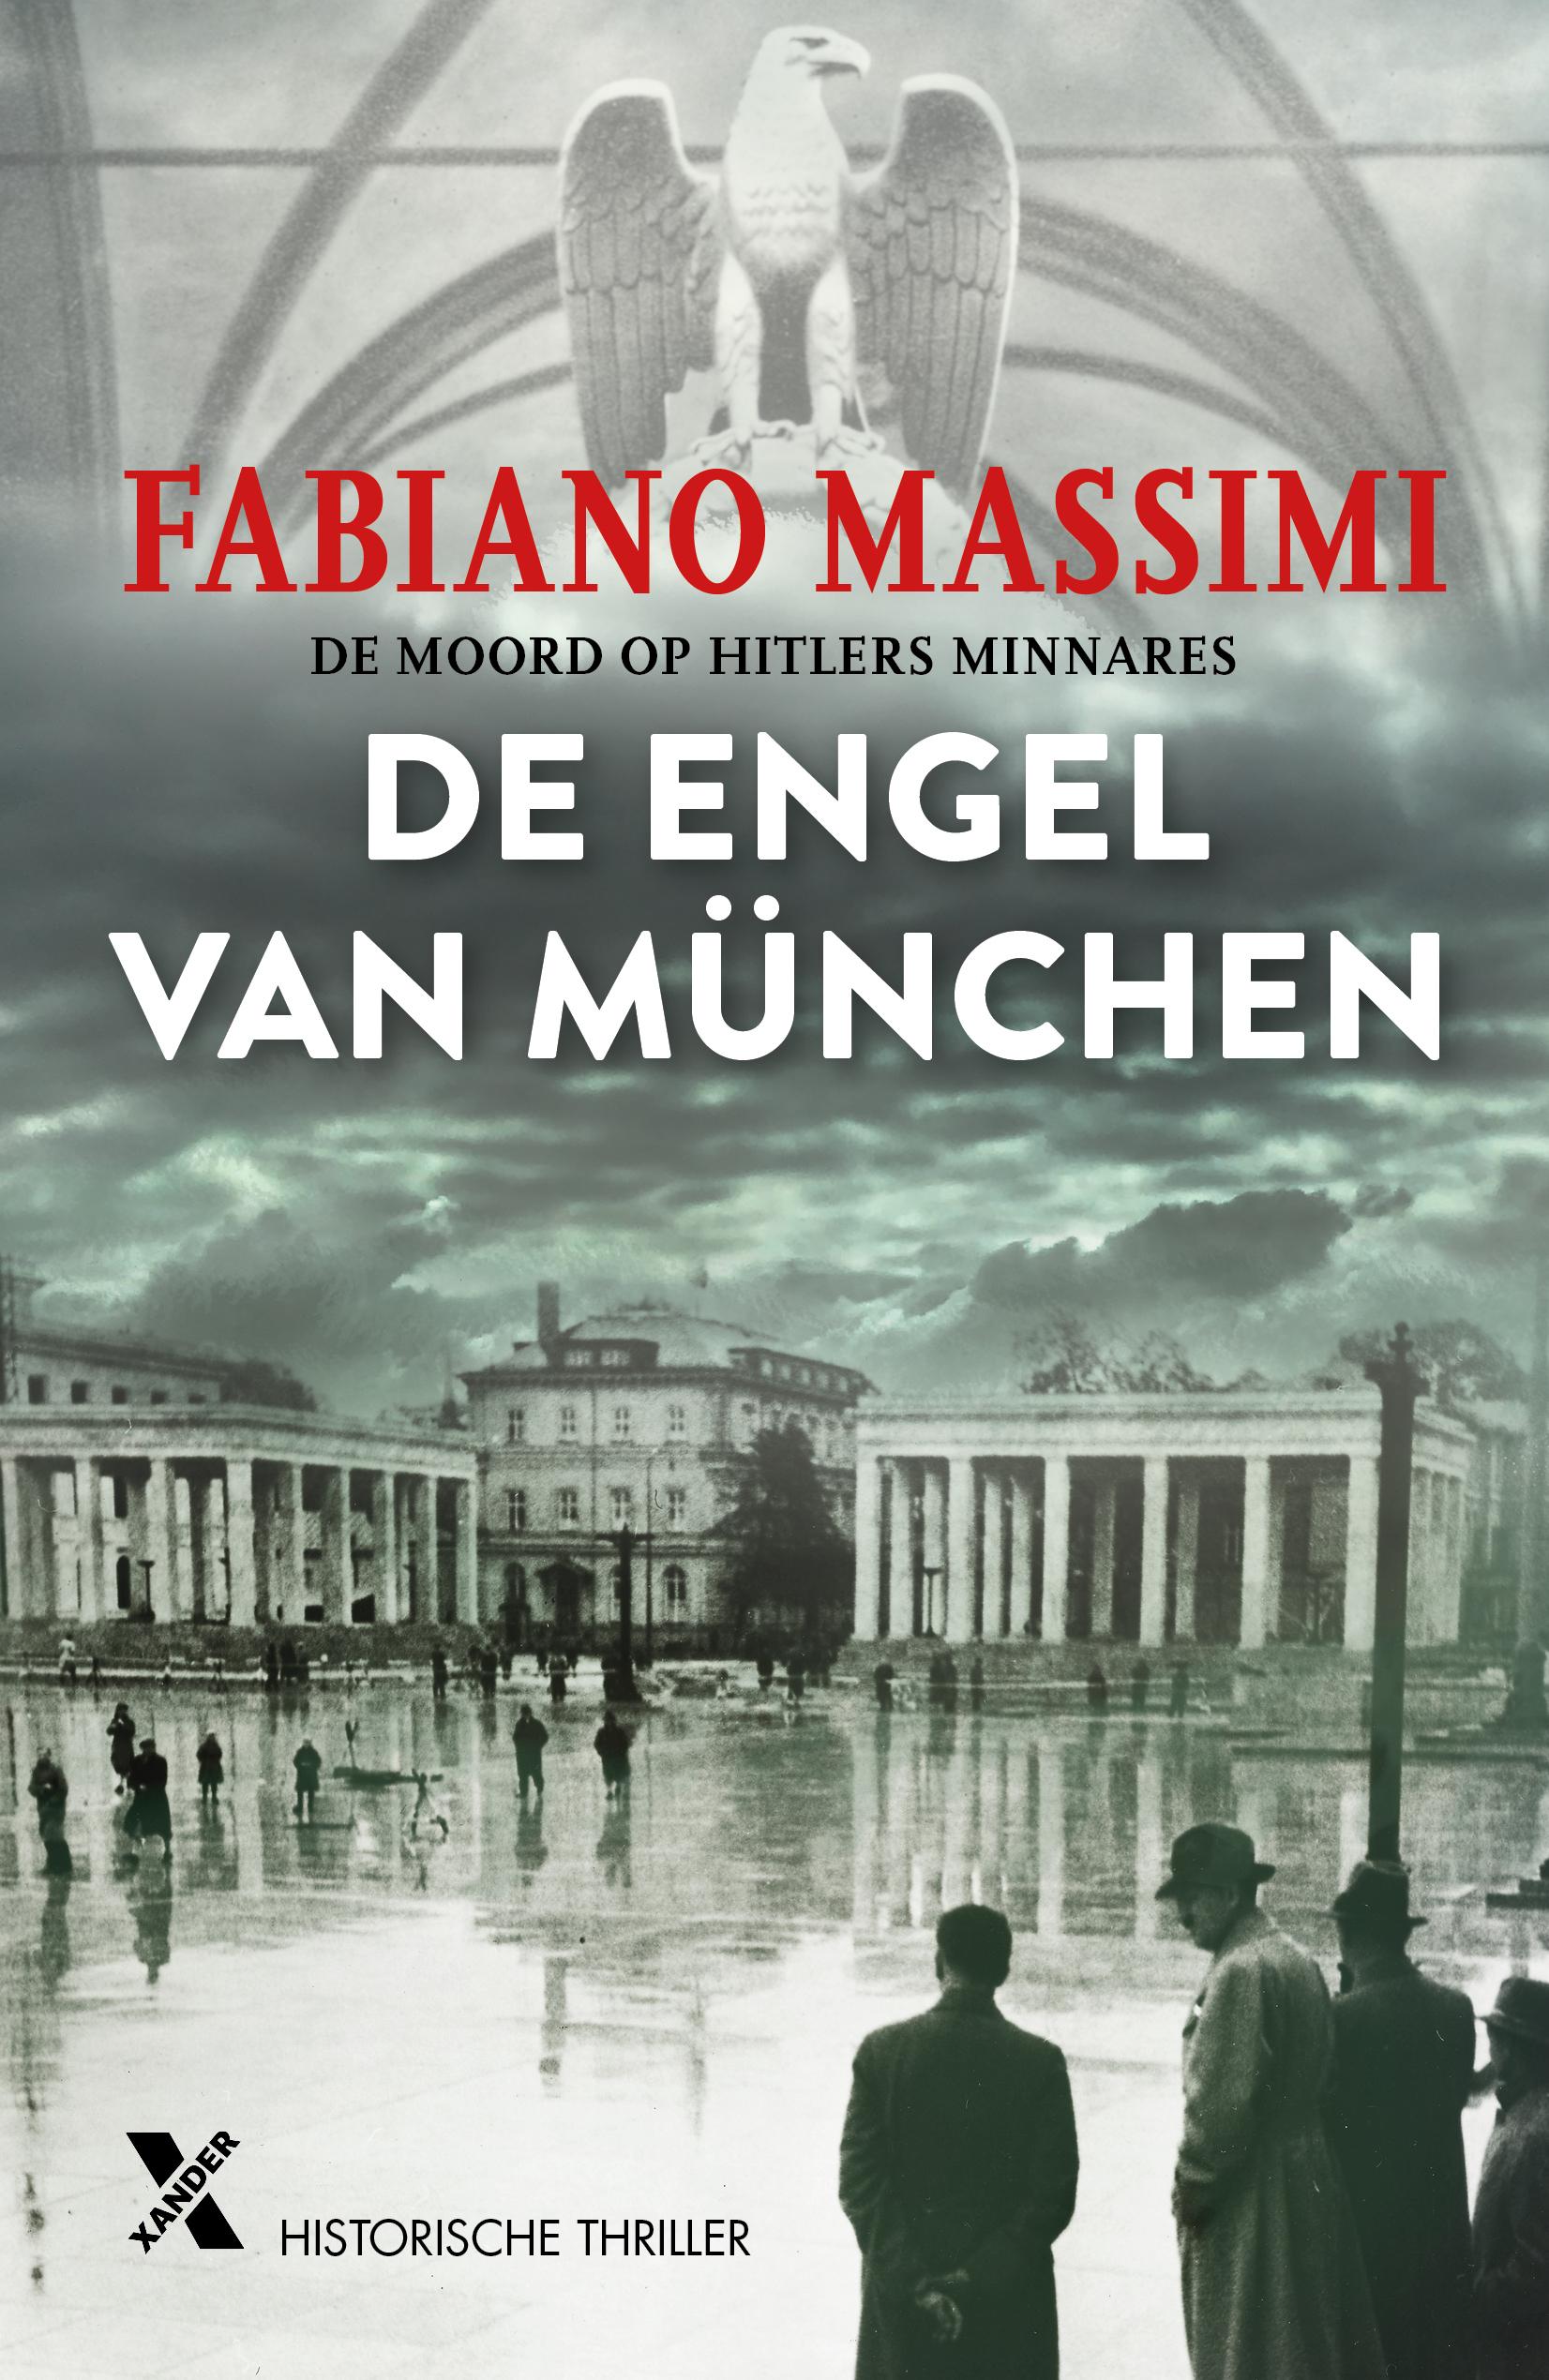 De engel van Munchen - boekenflits